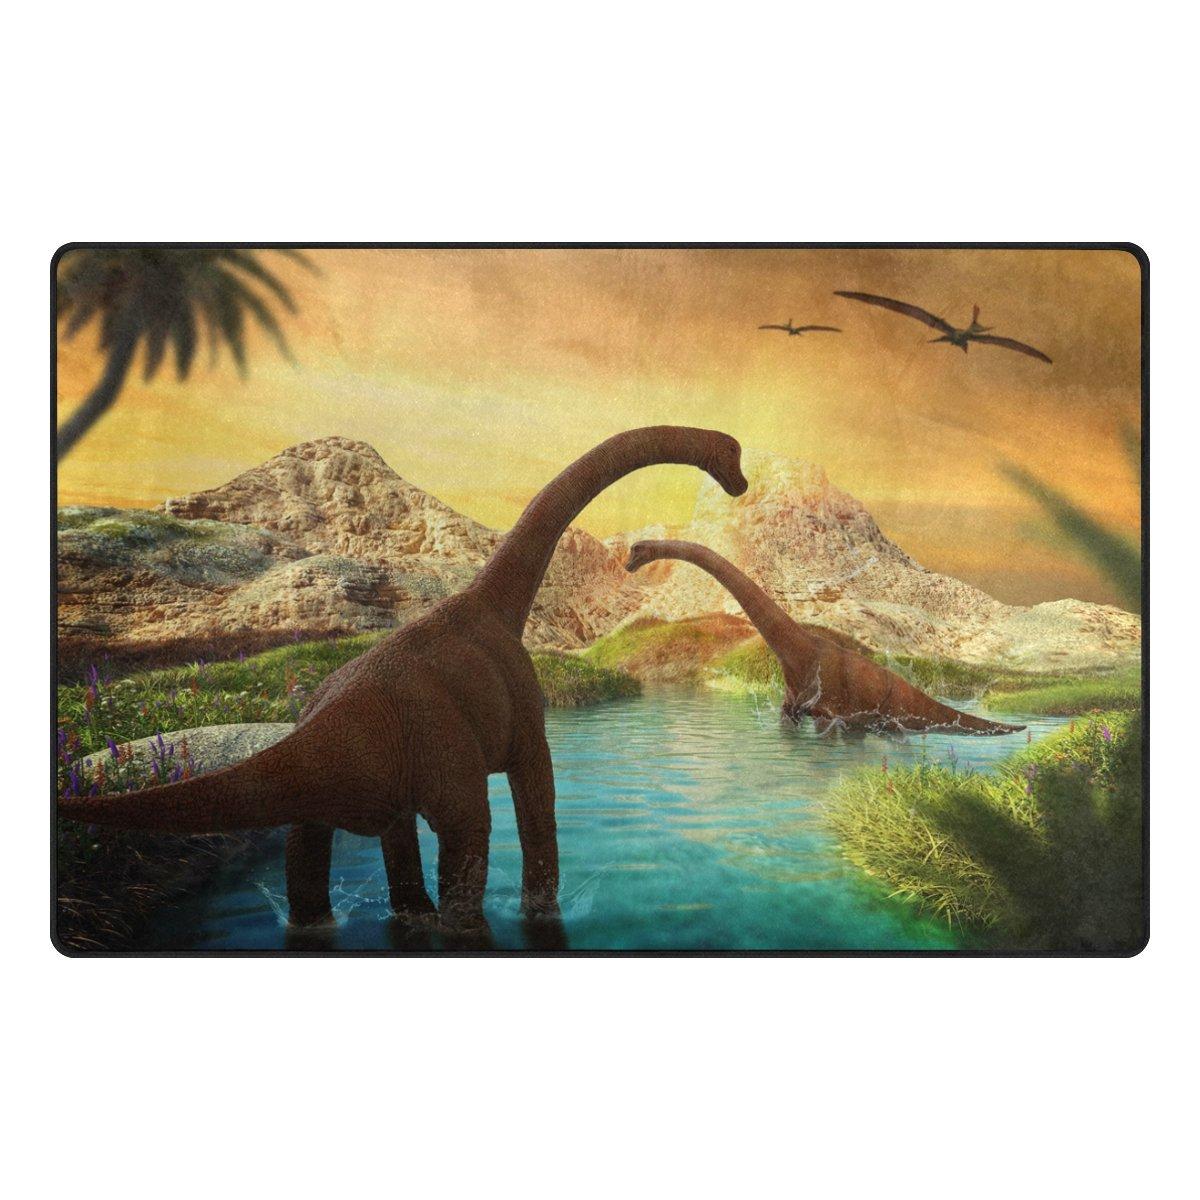 WOZO African Dinosaur Bird Palm Tree Area Rug Rugs Non-Slip Floor Mat Doormats Living Room Bedroom 31 x 20 inches g3329485p146c161s240